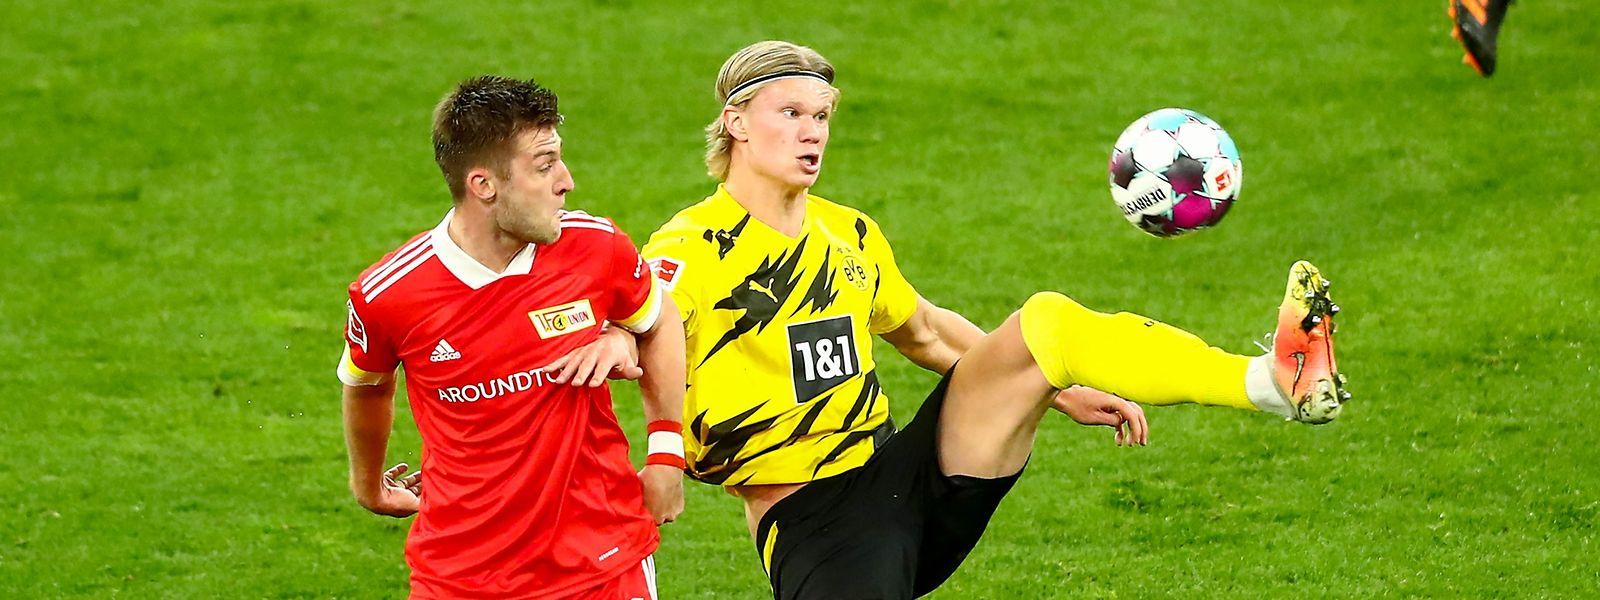 Der Dortmunder Erling Haaland lässt den Berliner Robin Knoche nicht an den Ball kommen.